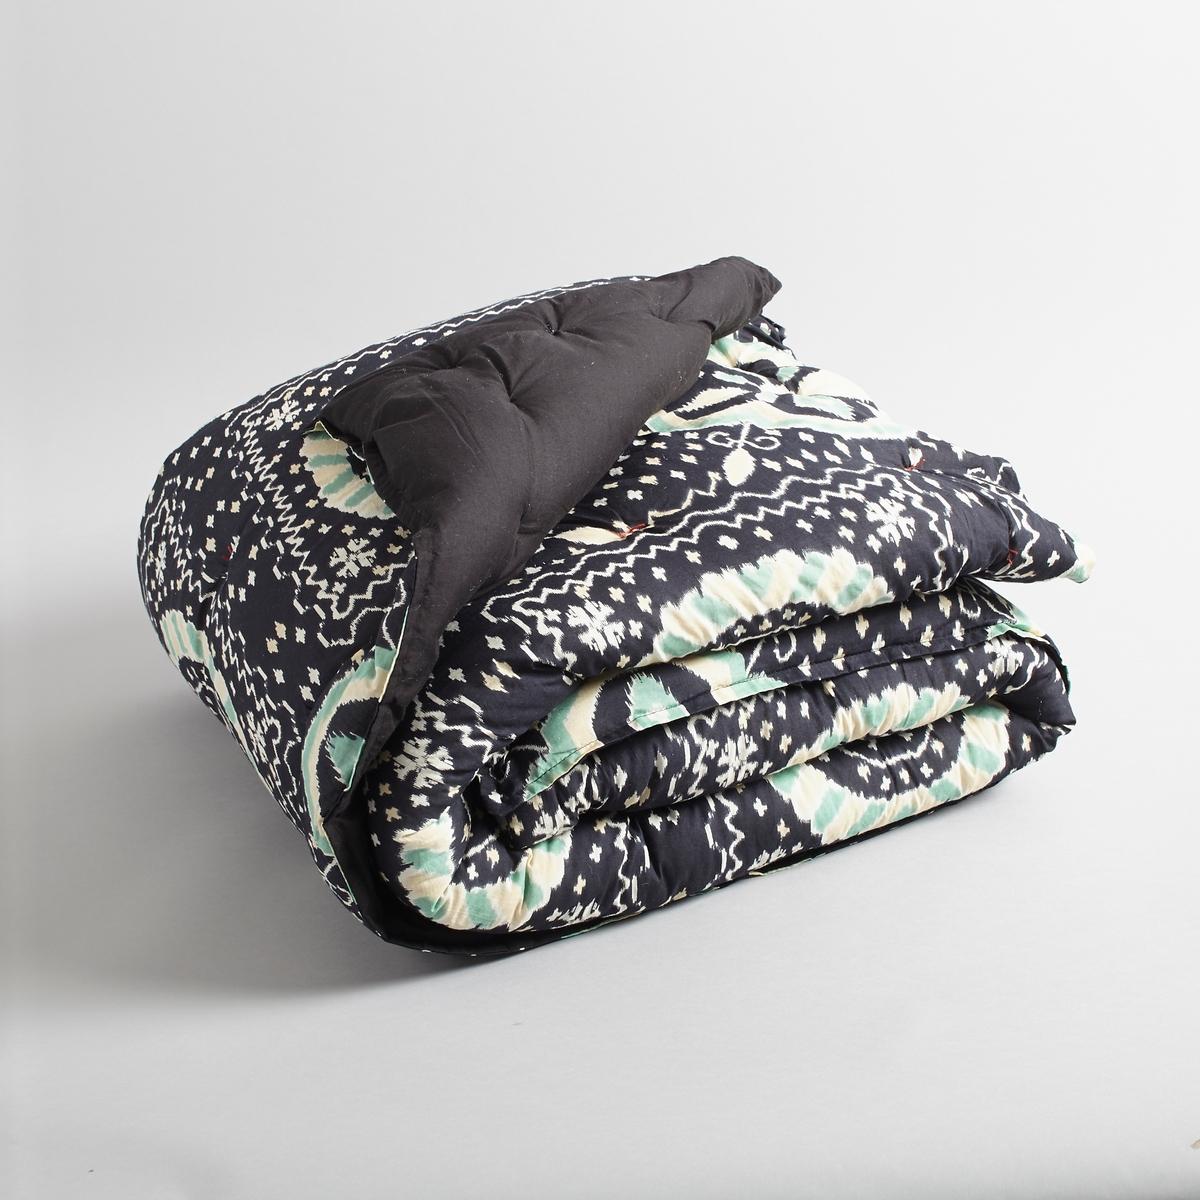 Одеяло стёганое pakytaСтёганое одеяло с принтом, изысканный роскошный вид.Верх 100 % хлопок. Прошито вручную.Ручная работа.- Наполнитель: 100% полиэстера..Стирка при 30°.<br><br>Цвет: набивной рисунок